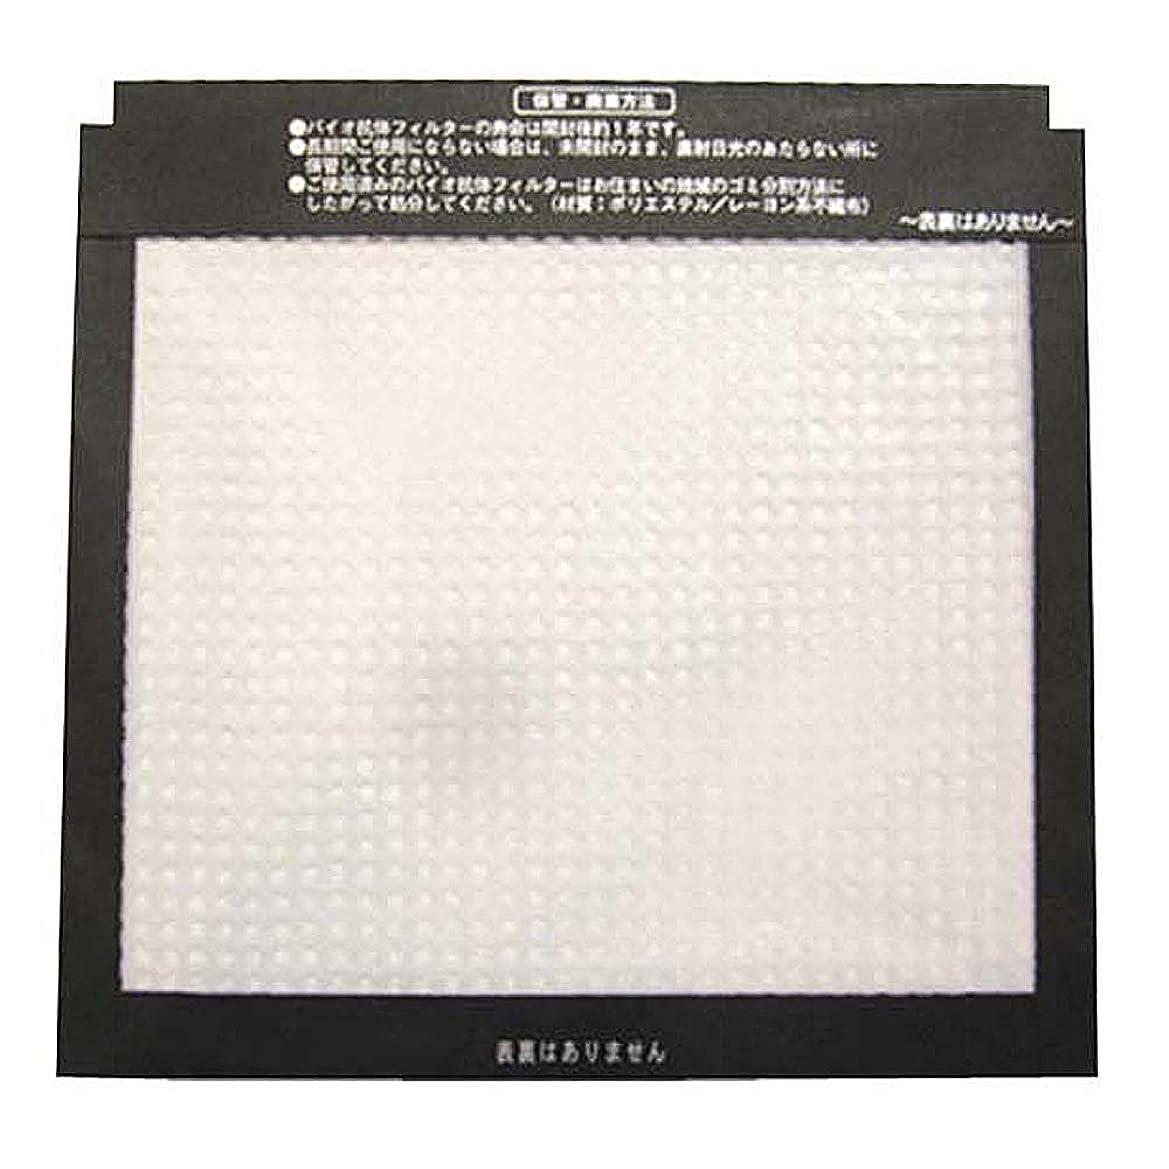 恵みブーム不屈ダイキン 空気清浄機用交換フィルター(1枚入り)DAIKIN バイオ抗体フィルター KAF080A4